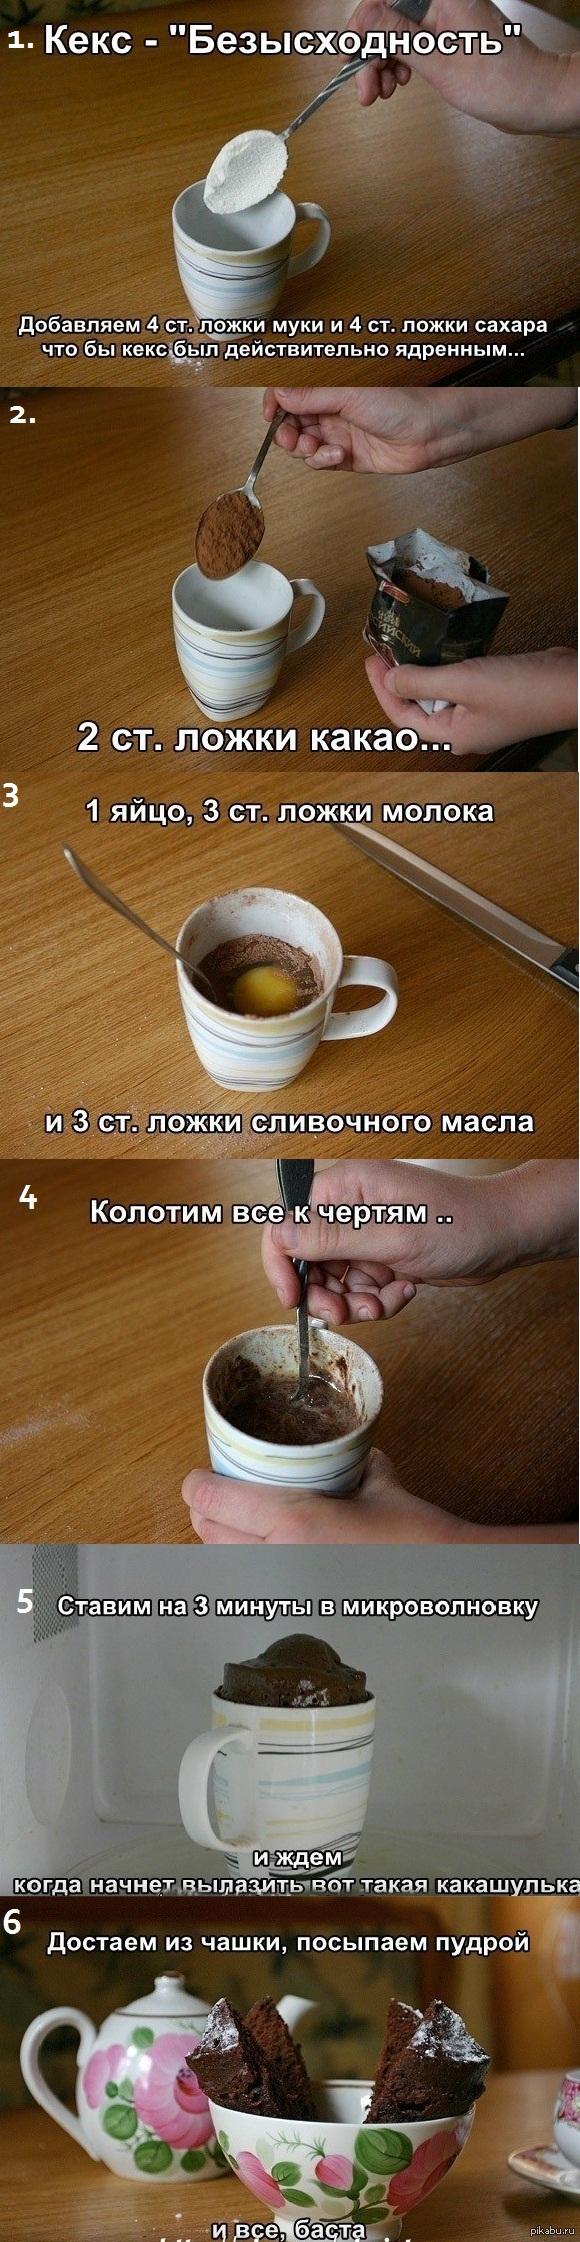 Как сделать быстро кекс